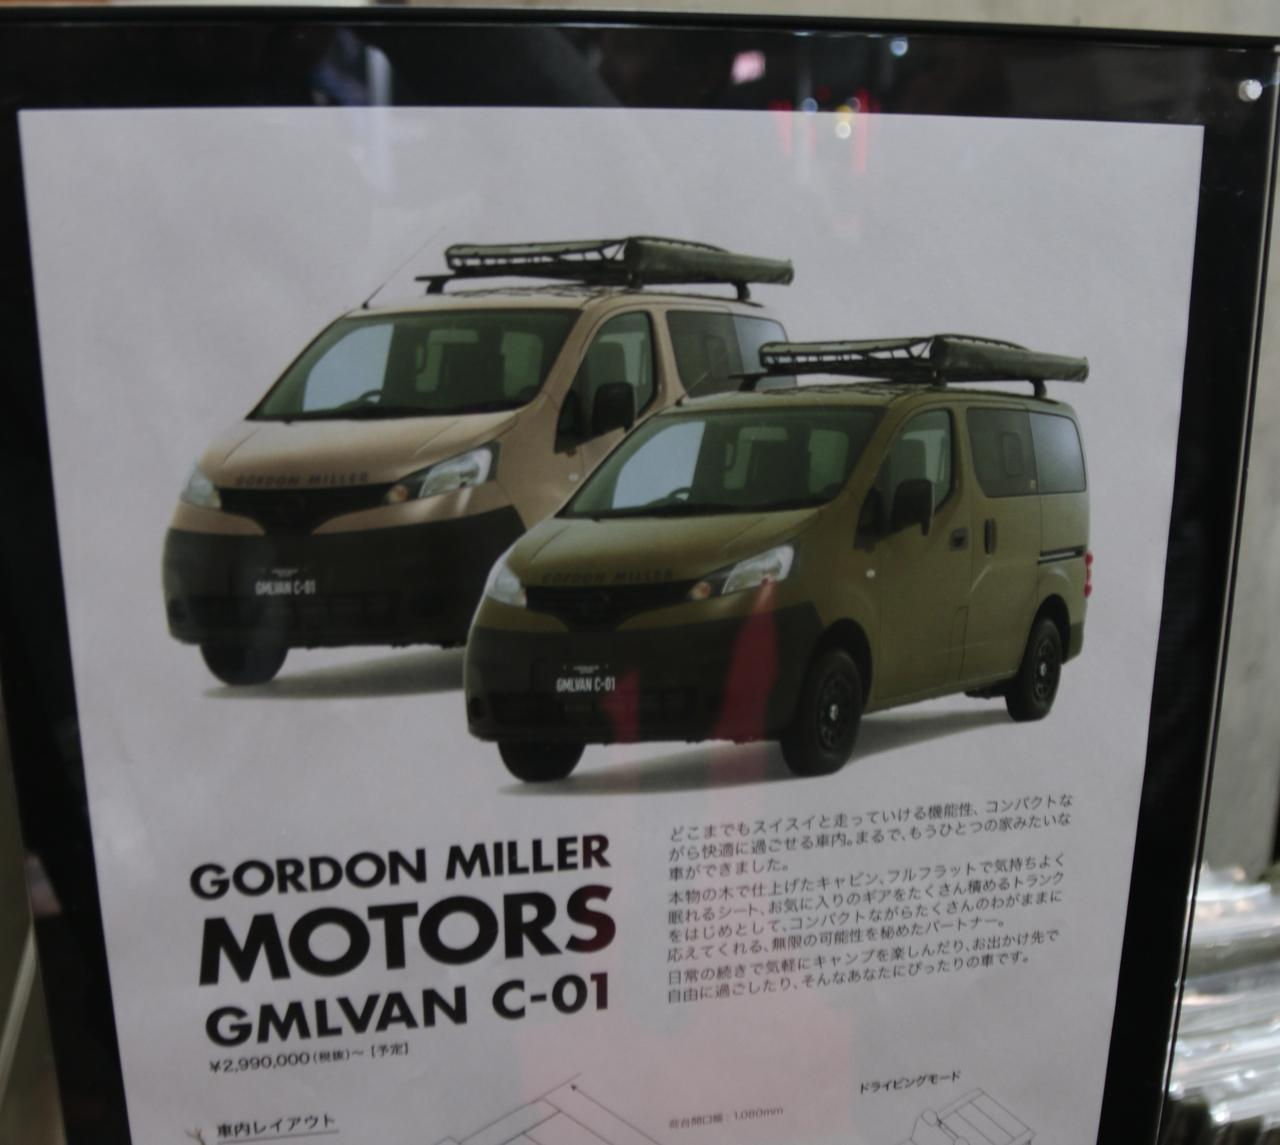 画像3: GMLVAN V-01、C-01/GORDON MILLER(ゴードンミラー)